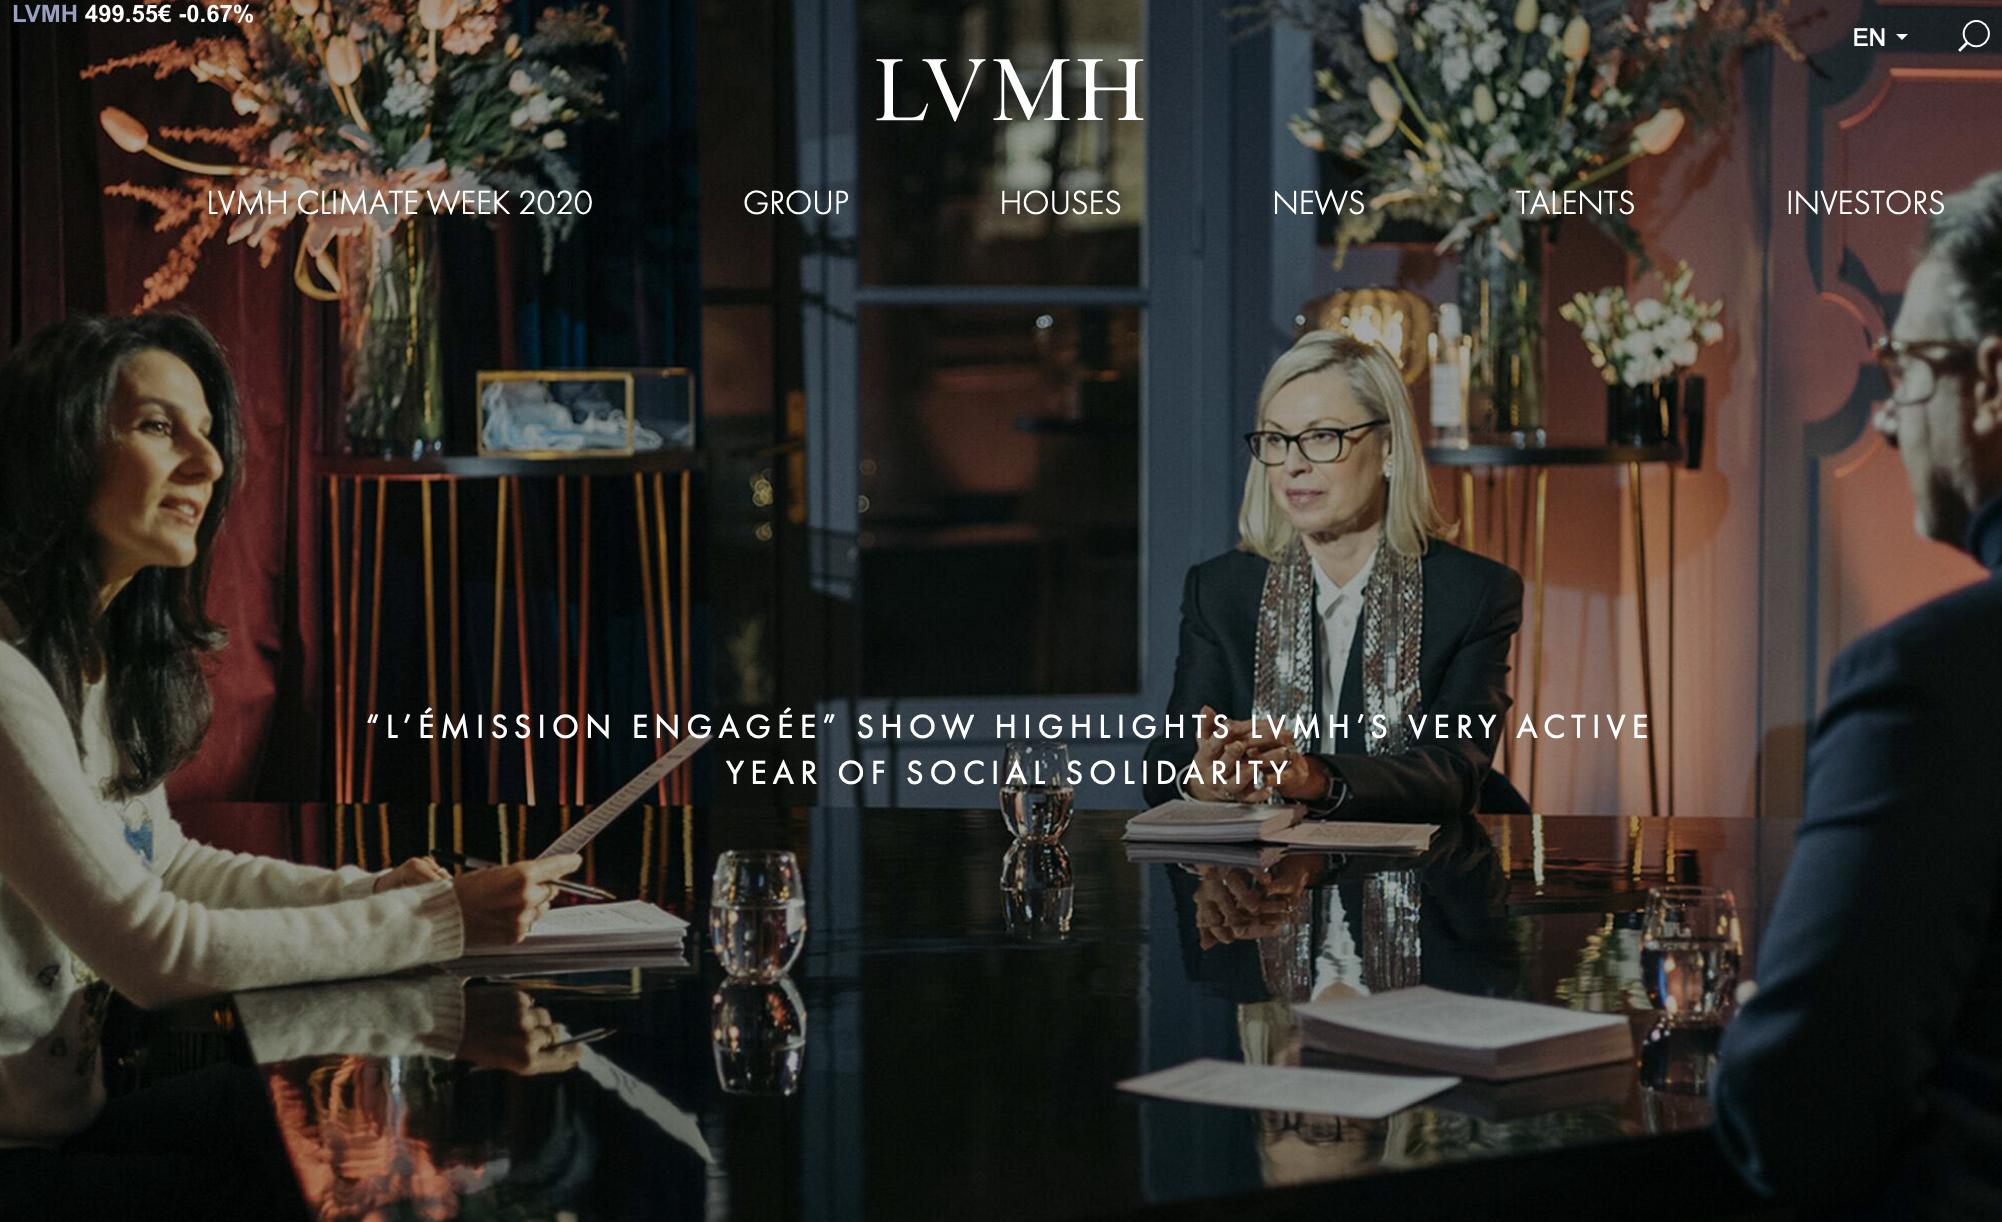 人事动向 | LVMH酒店部门 CEO兼管 Fendi 和 Loro Piana;Esprit 和 SuperDry 高层大变动